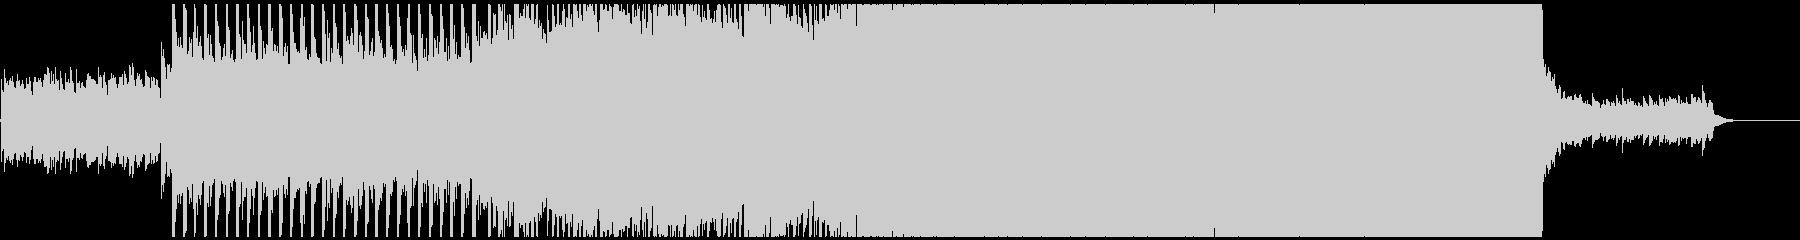 クリーンなエレキギターの響きが楽しめるの未再生の波形